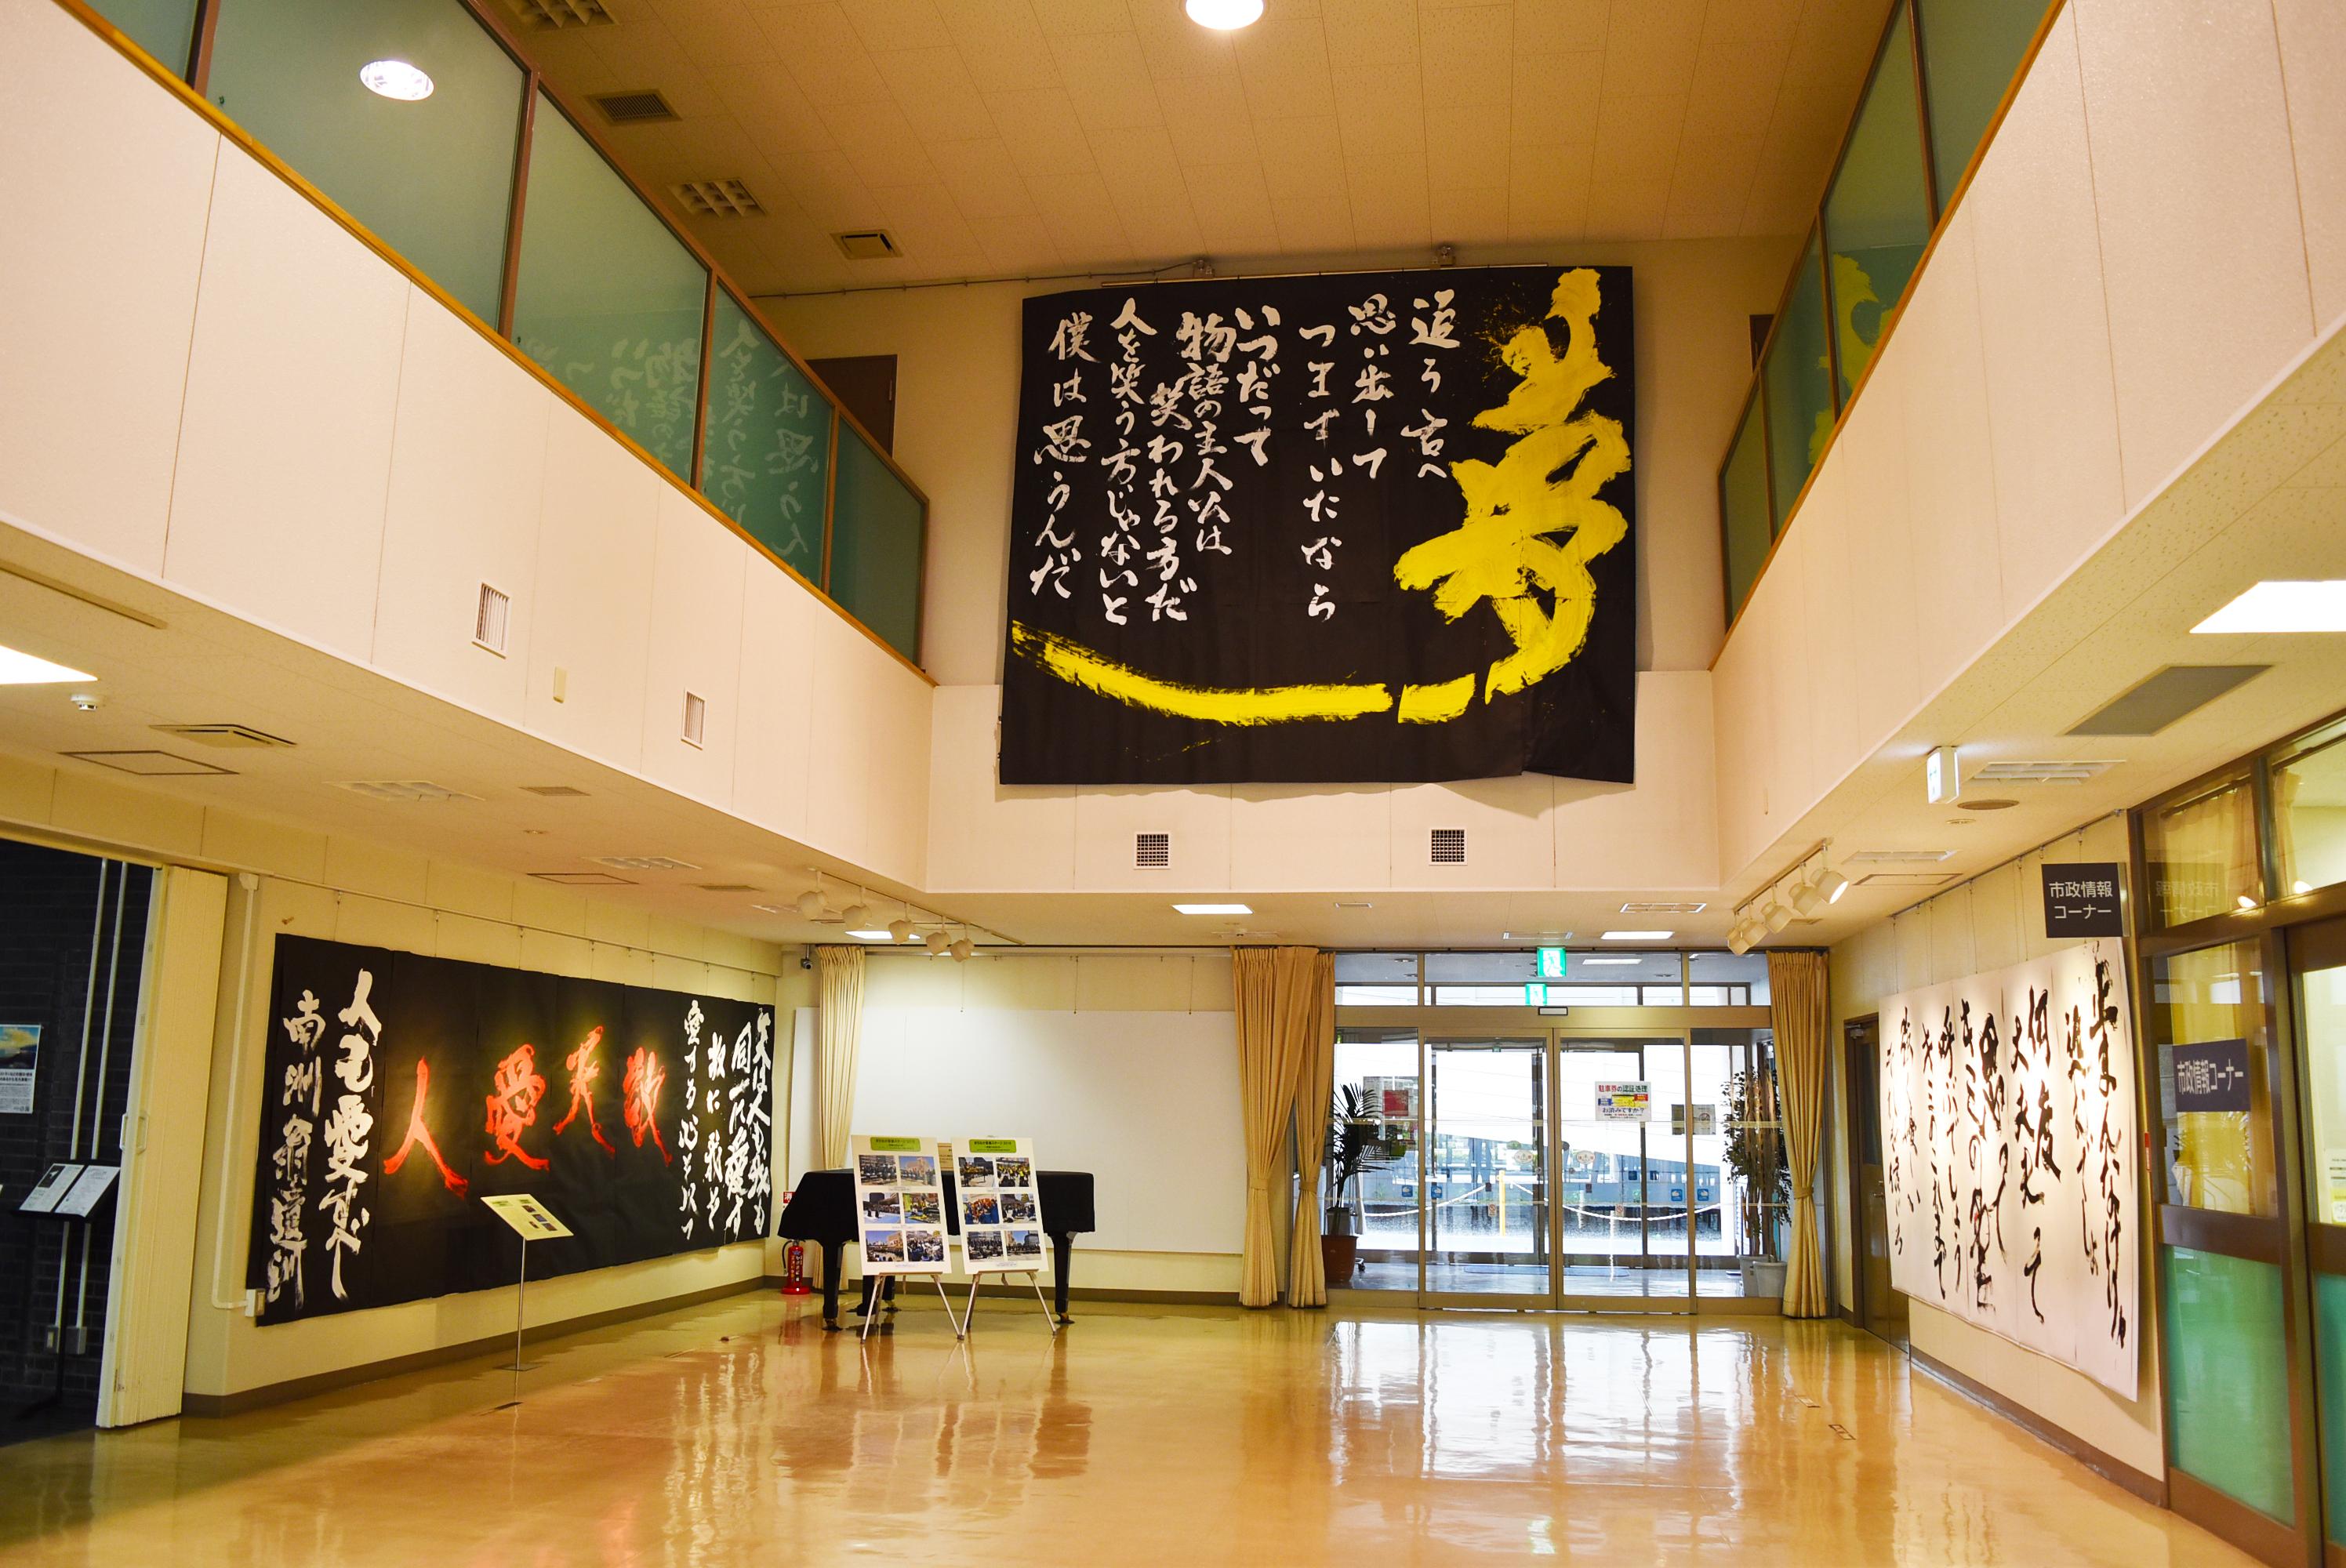 「まちなか音楽ステージ2018~青春のはばたき~」鹿児島大学書道部 パフォーマンス作品の展示